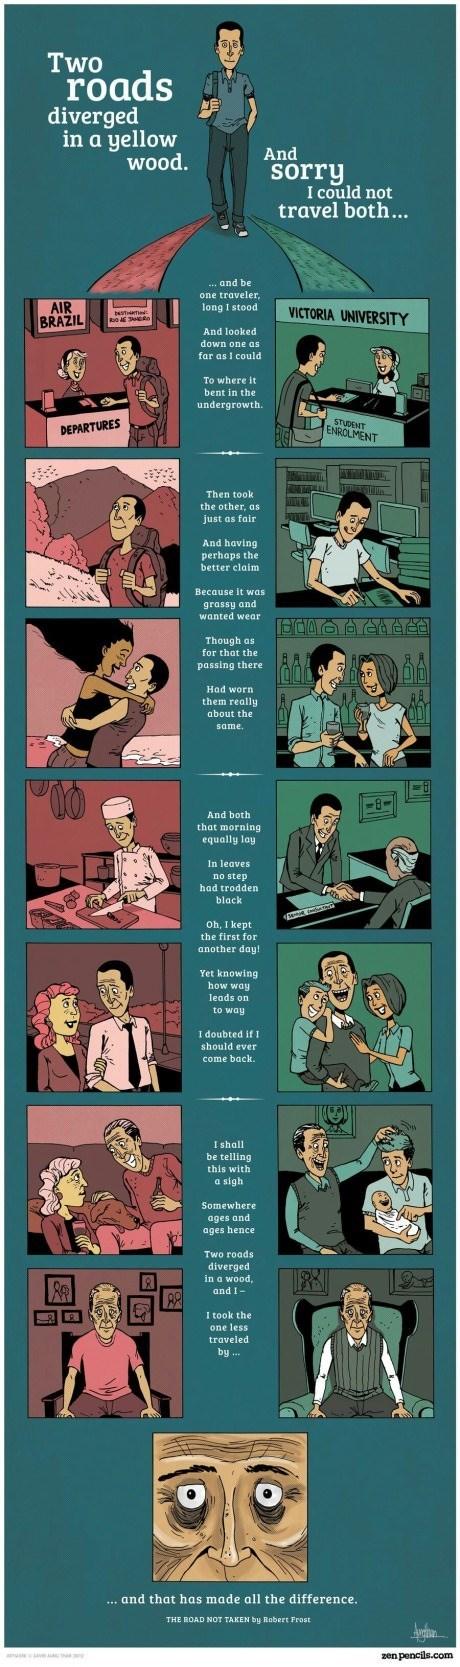 life robert frost sick truth web comics - 8174762496